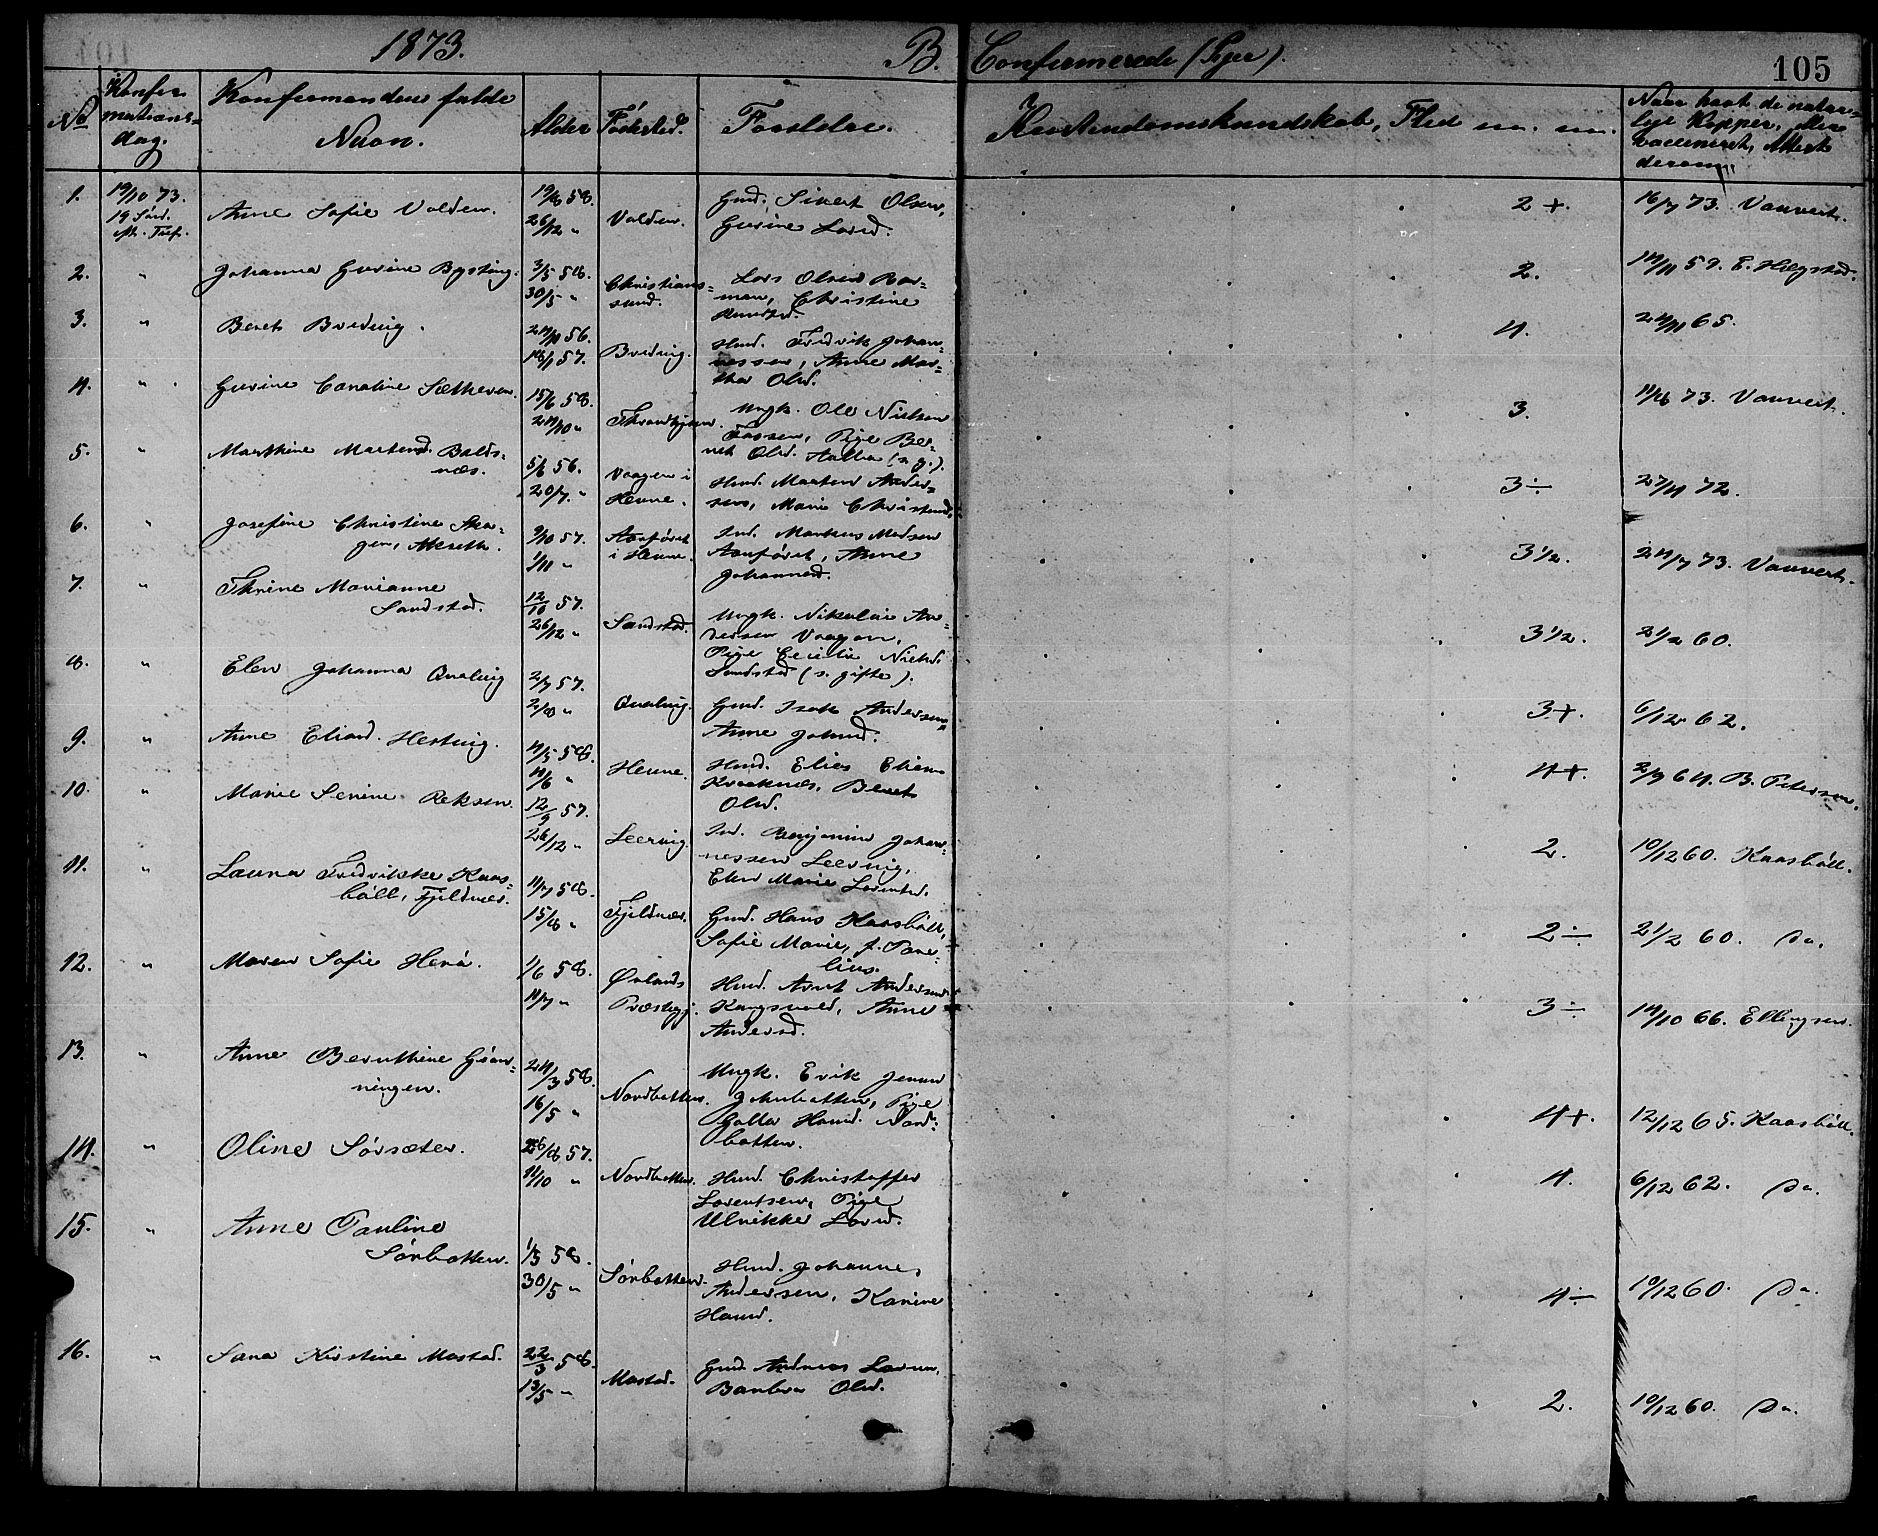 SAT, Ministerialprotokoller, klokkerbøker og fødselsregistre - Sør-Trøndelag, 637/L0561: Klokkerbok nr. 637C02, 1873-1882, s. 105